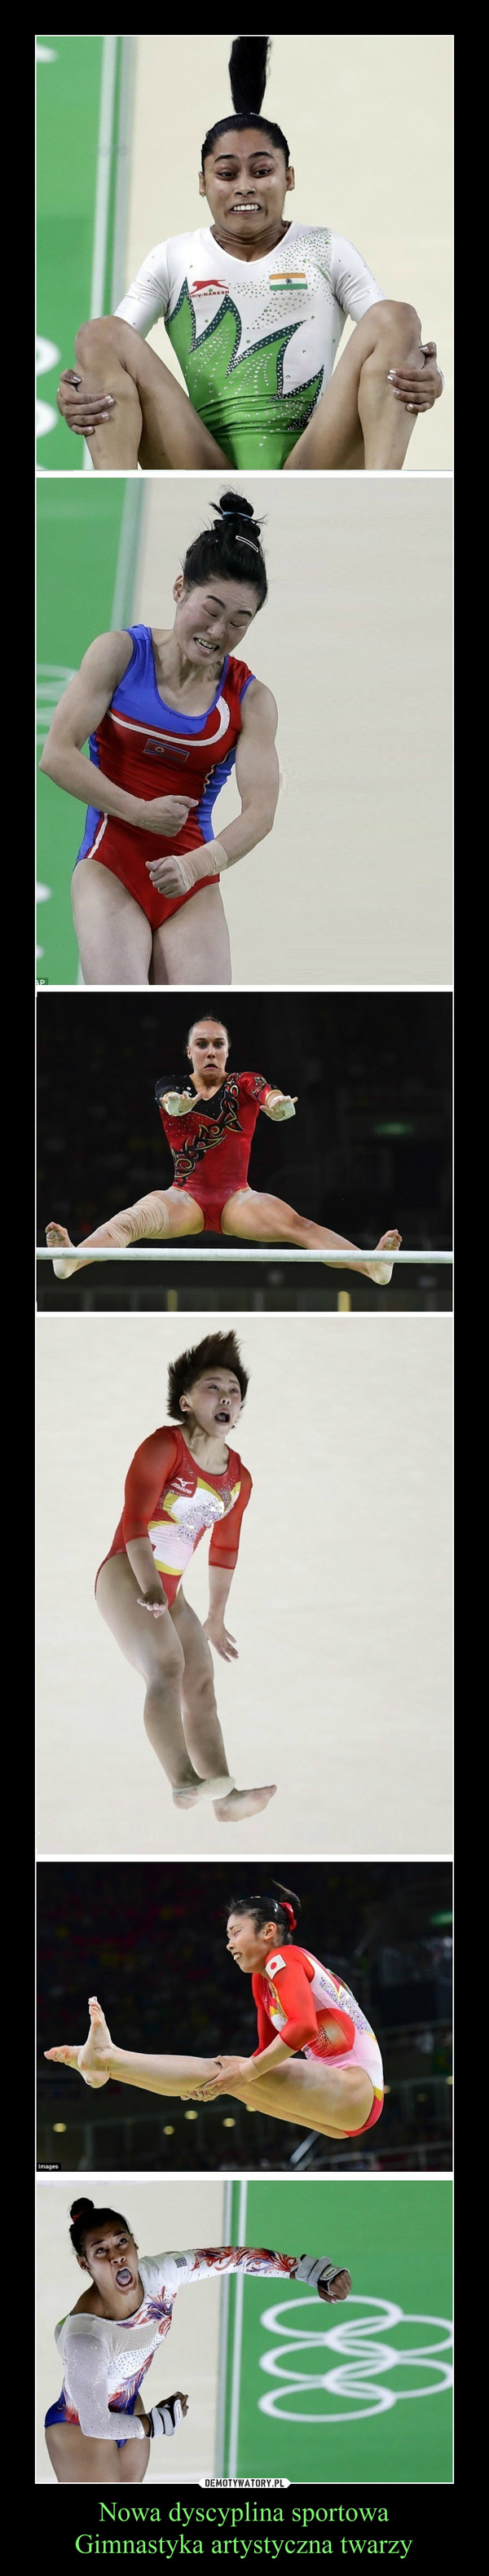 Nowa dyscyplina sportowaGimnastyka artystyczna twarzy –